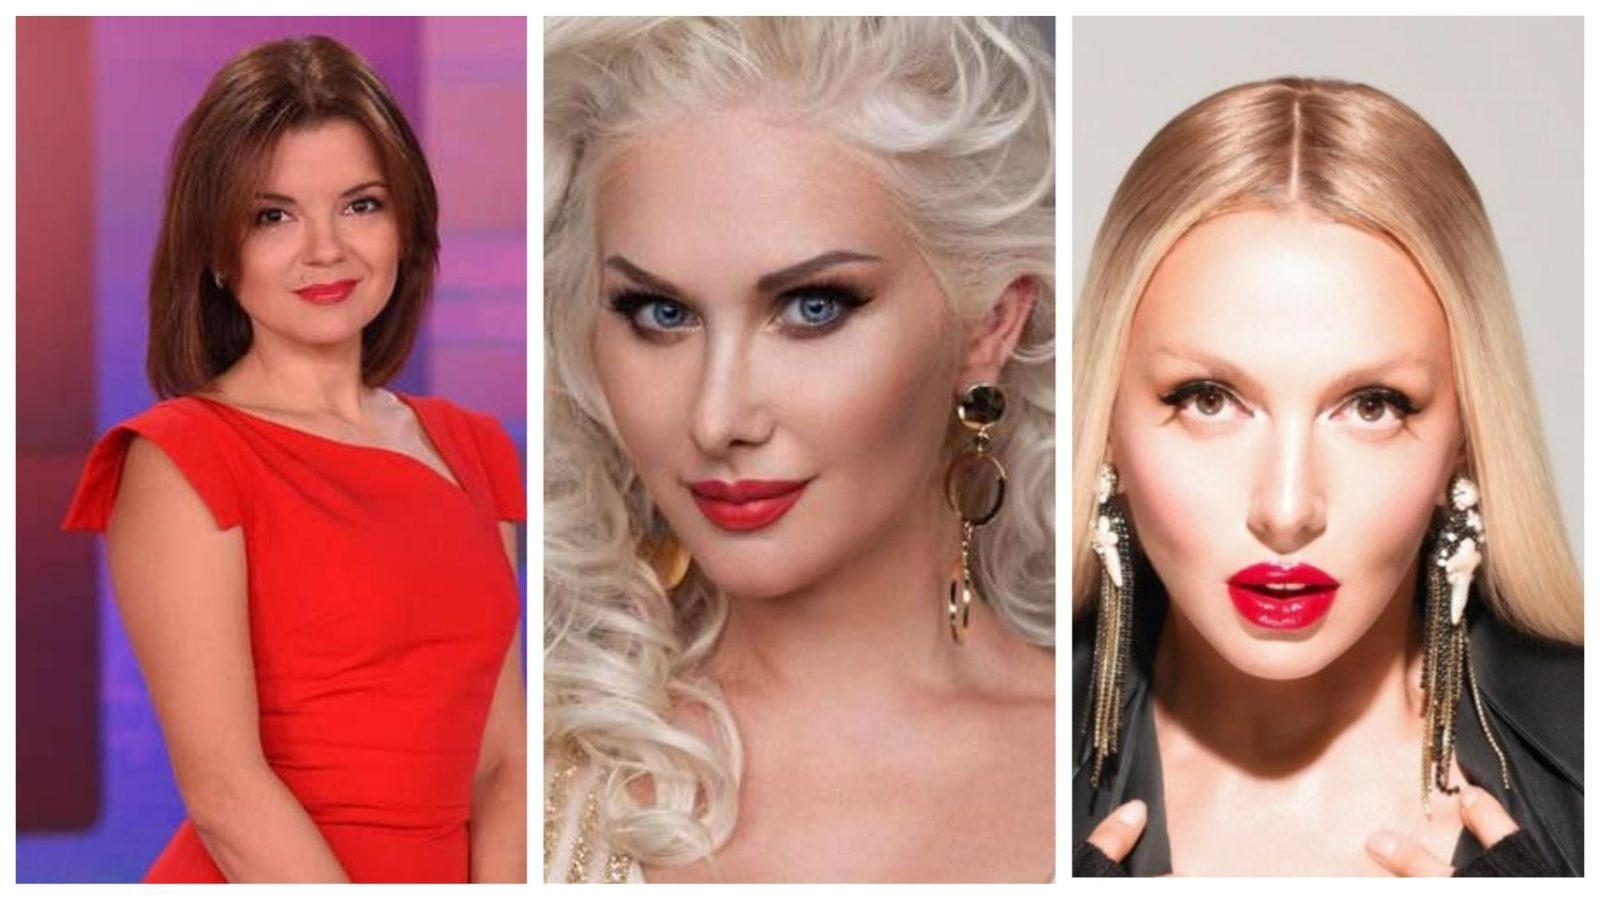 Відомі розлучниці українського шоу-бізнесу: зруйнували родину, але пожалкували